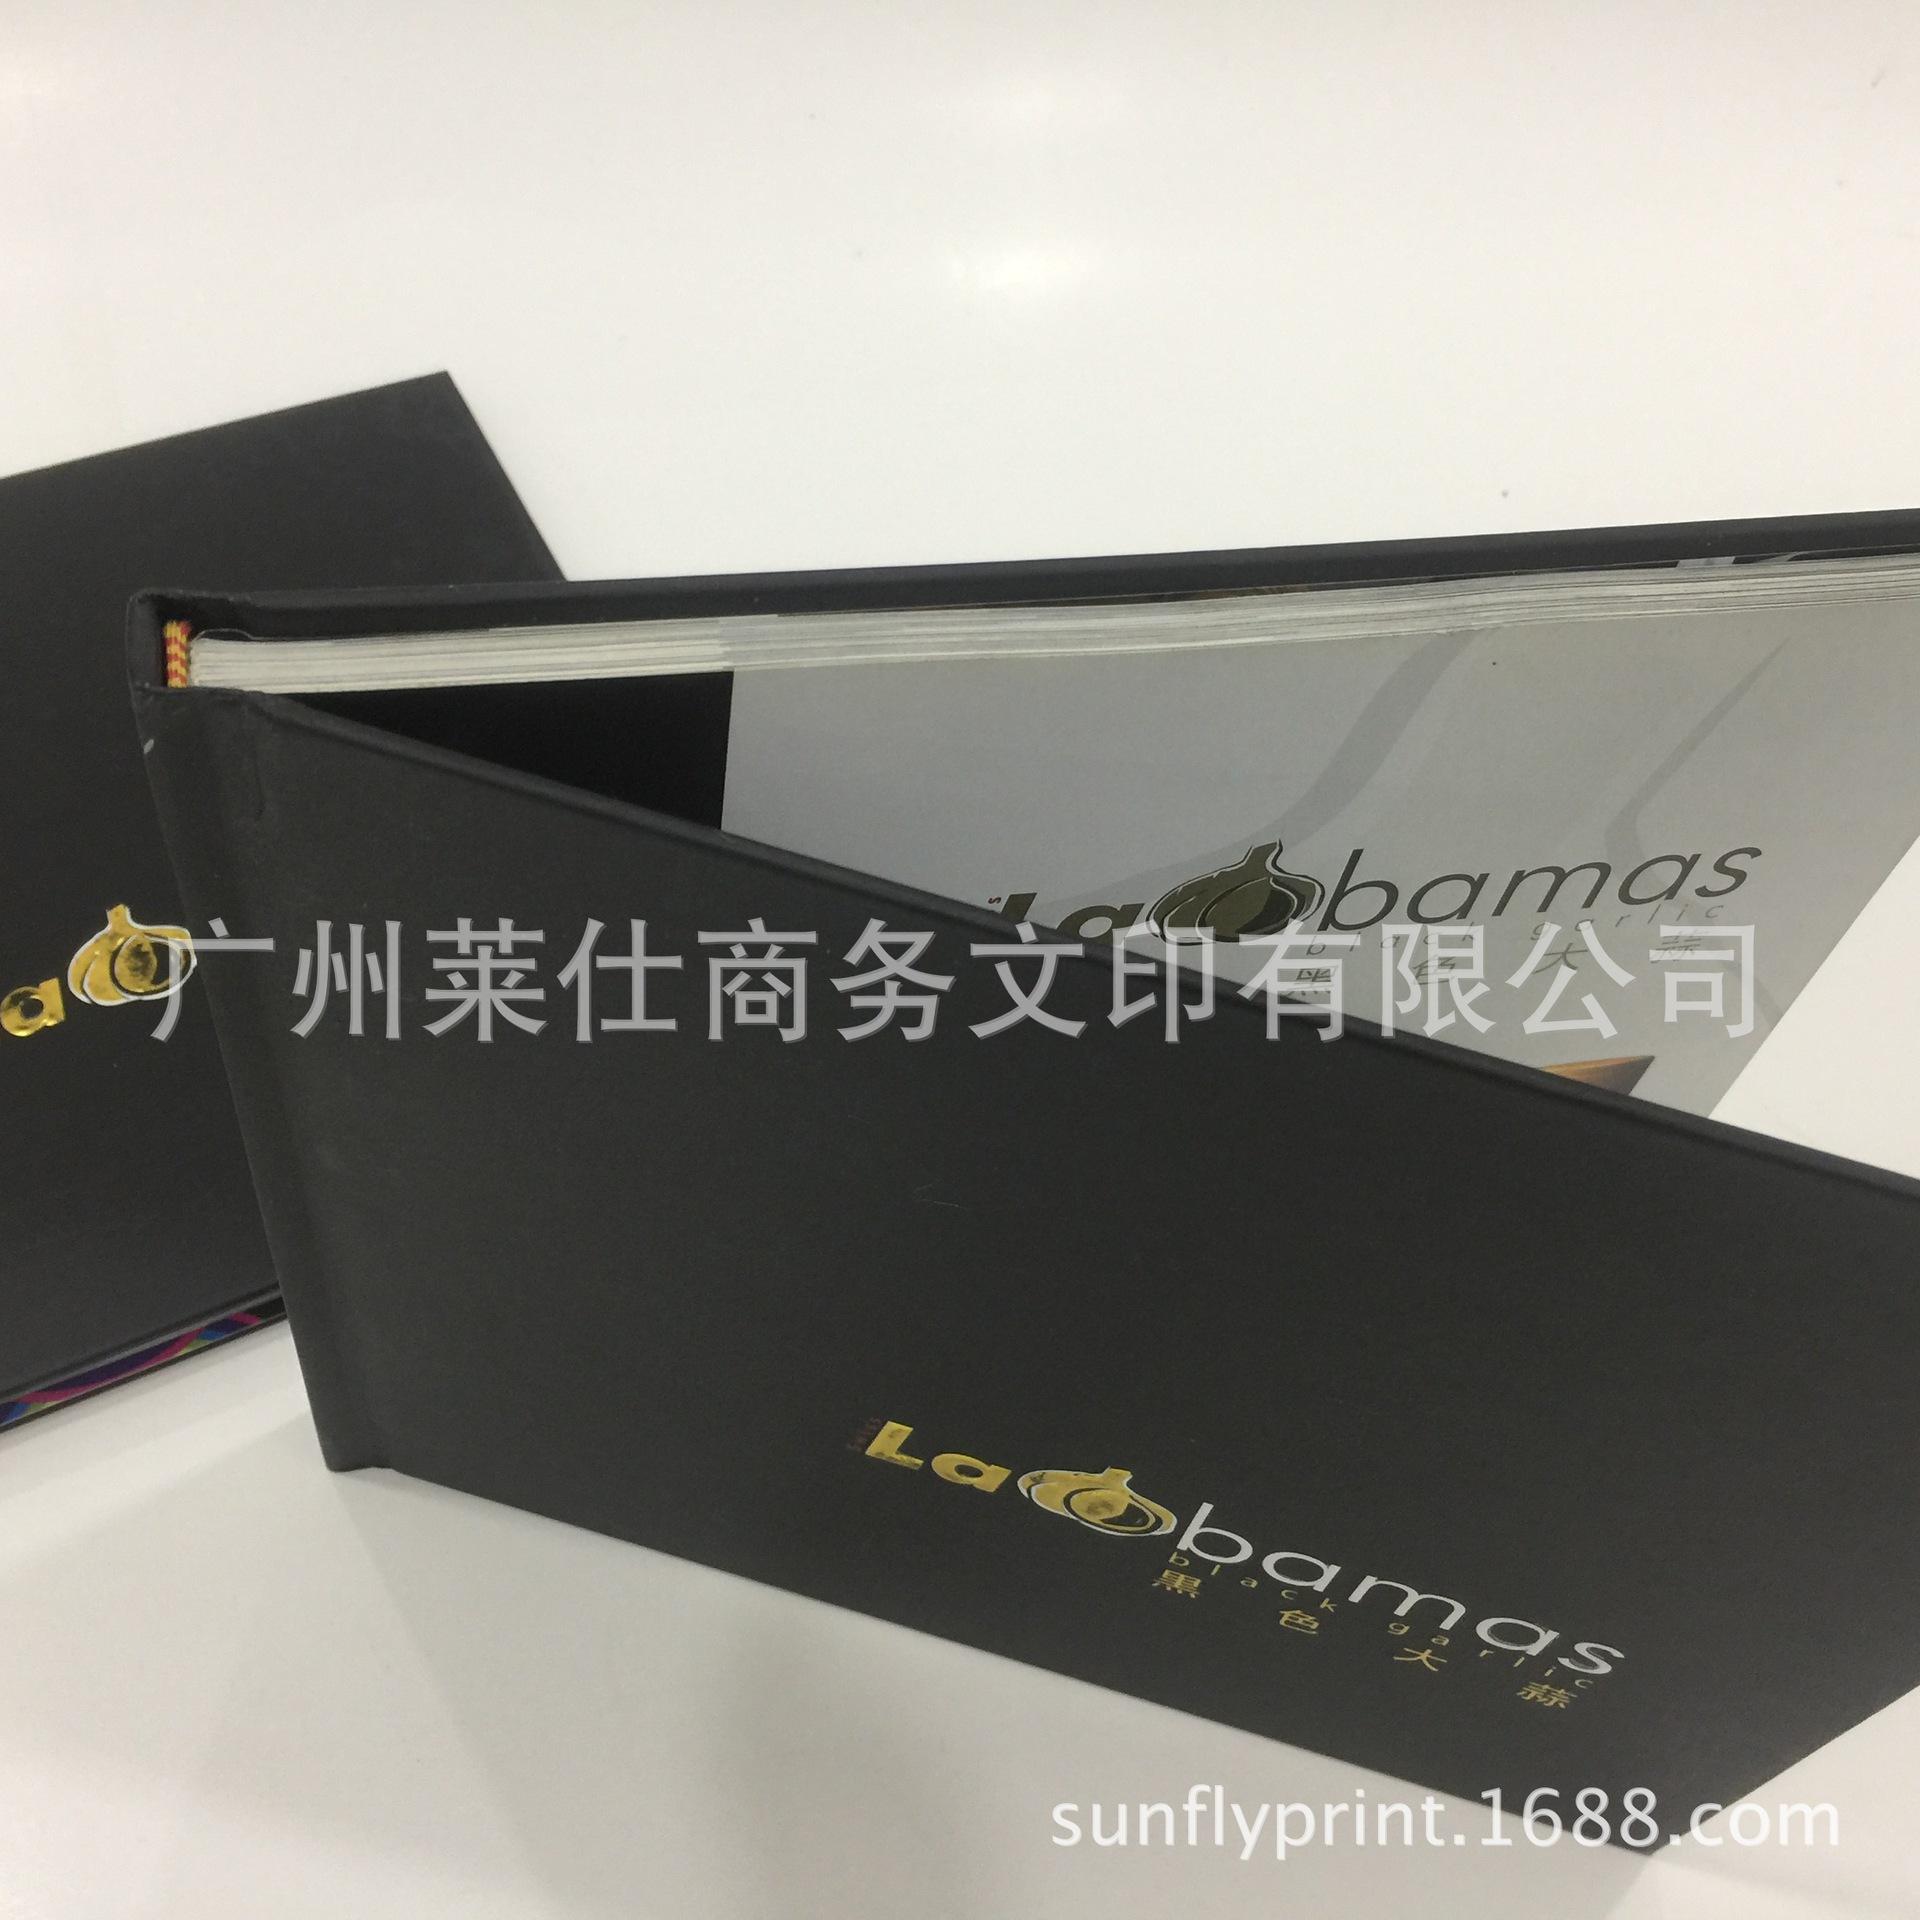 定制产品宣传册 精装画册 彩色说明书 黑白说明书